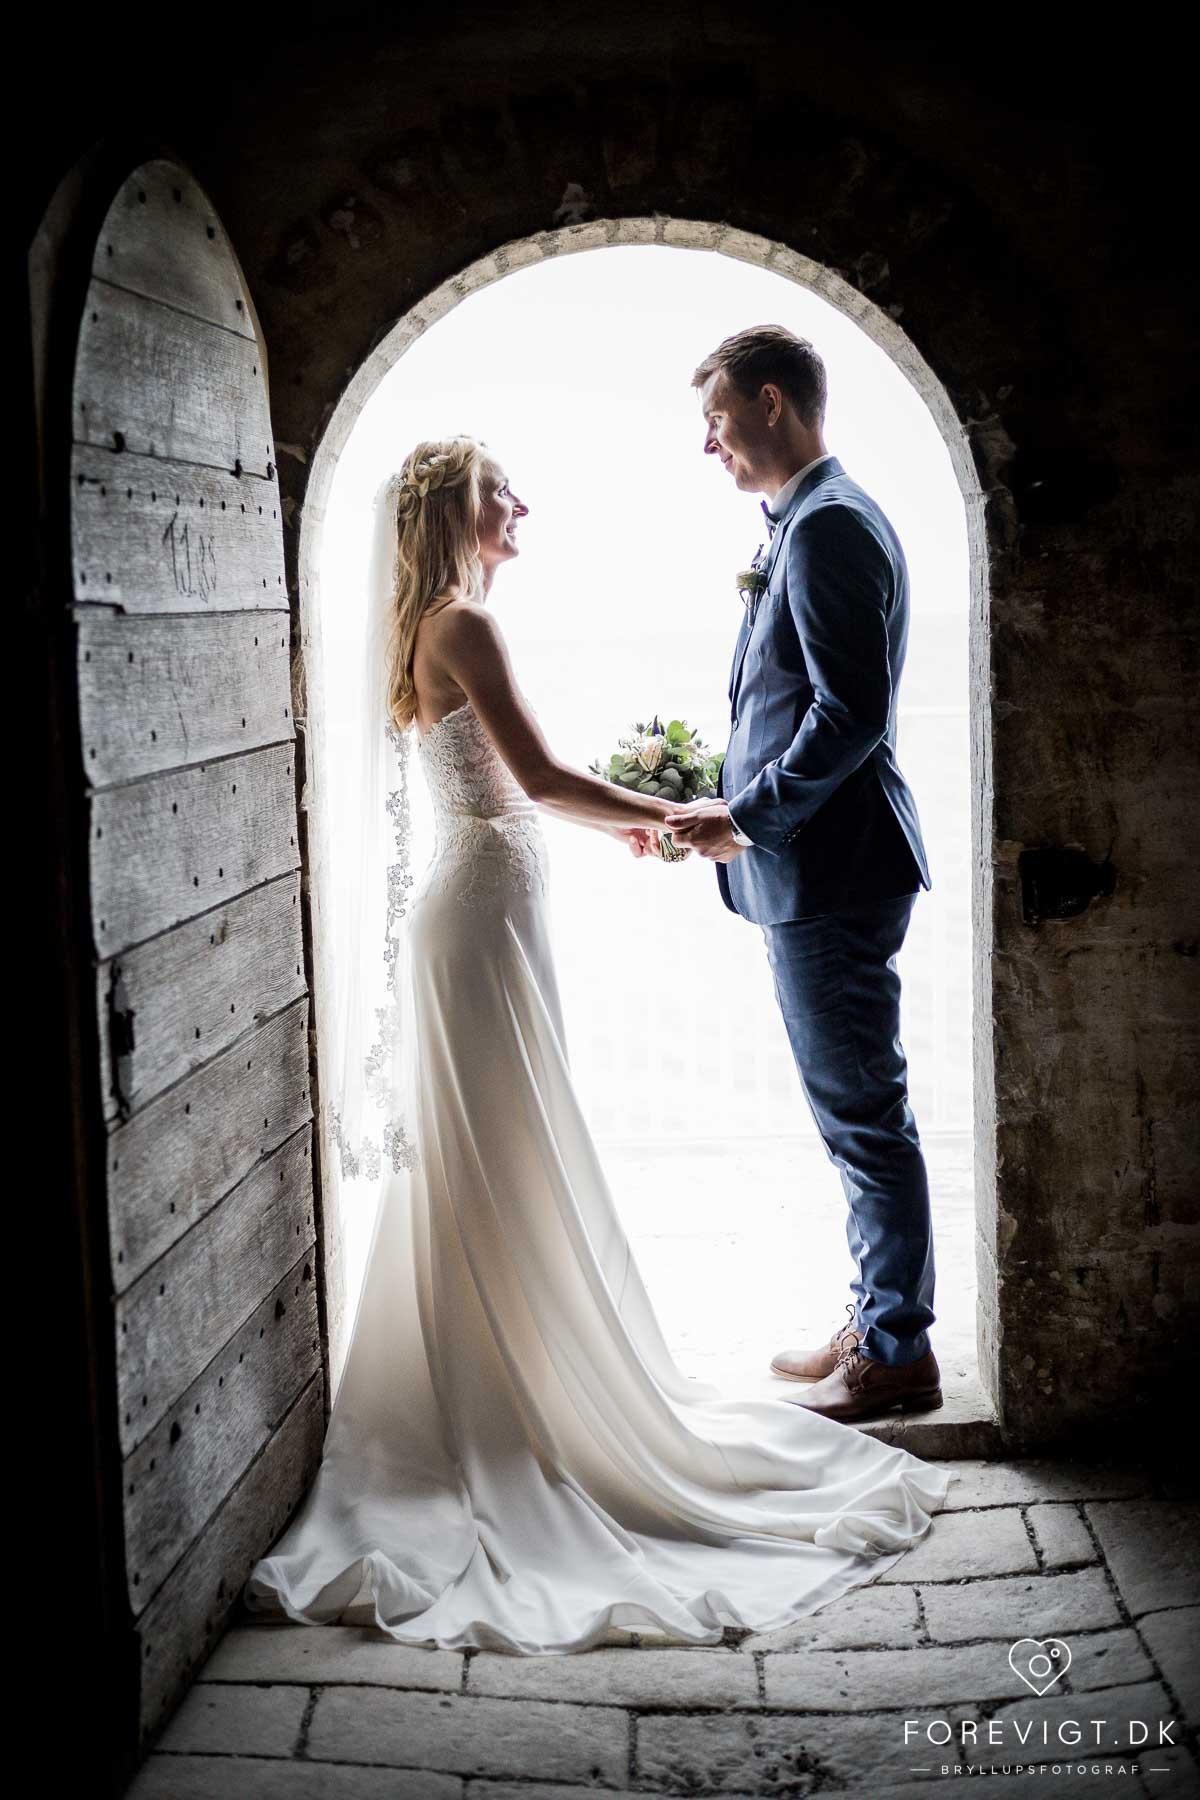 Professionelle bryllupsbilleder